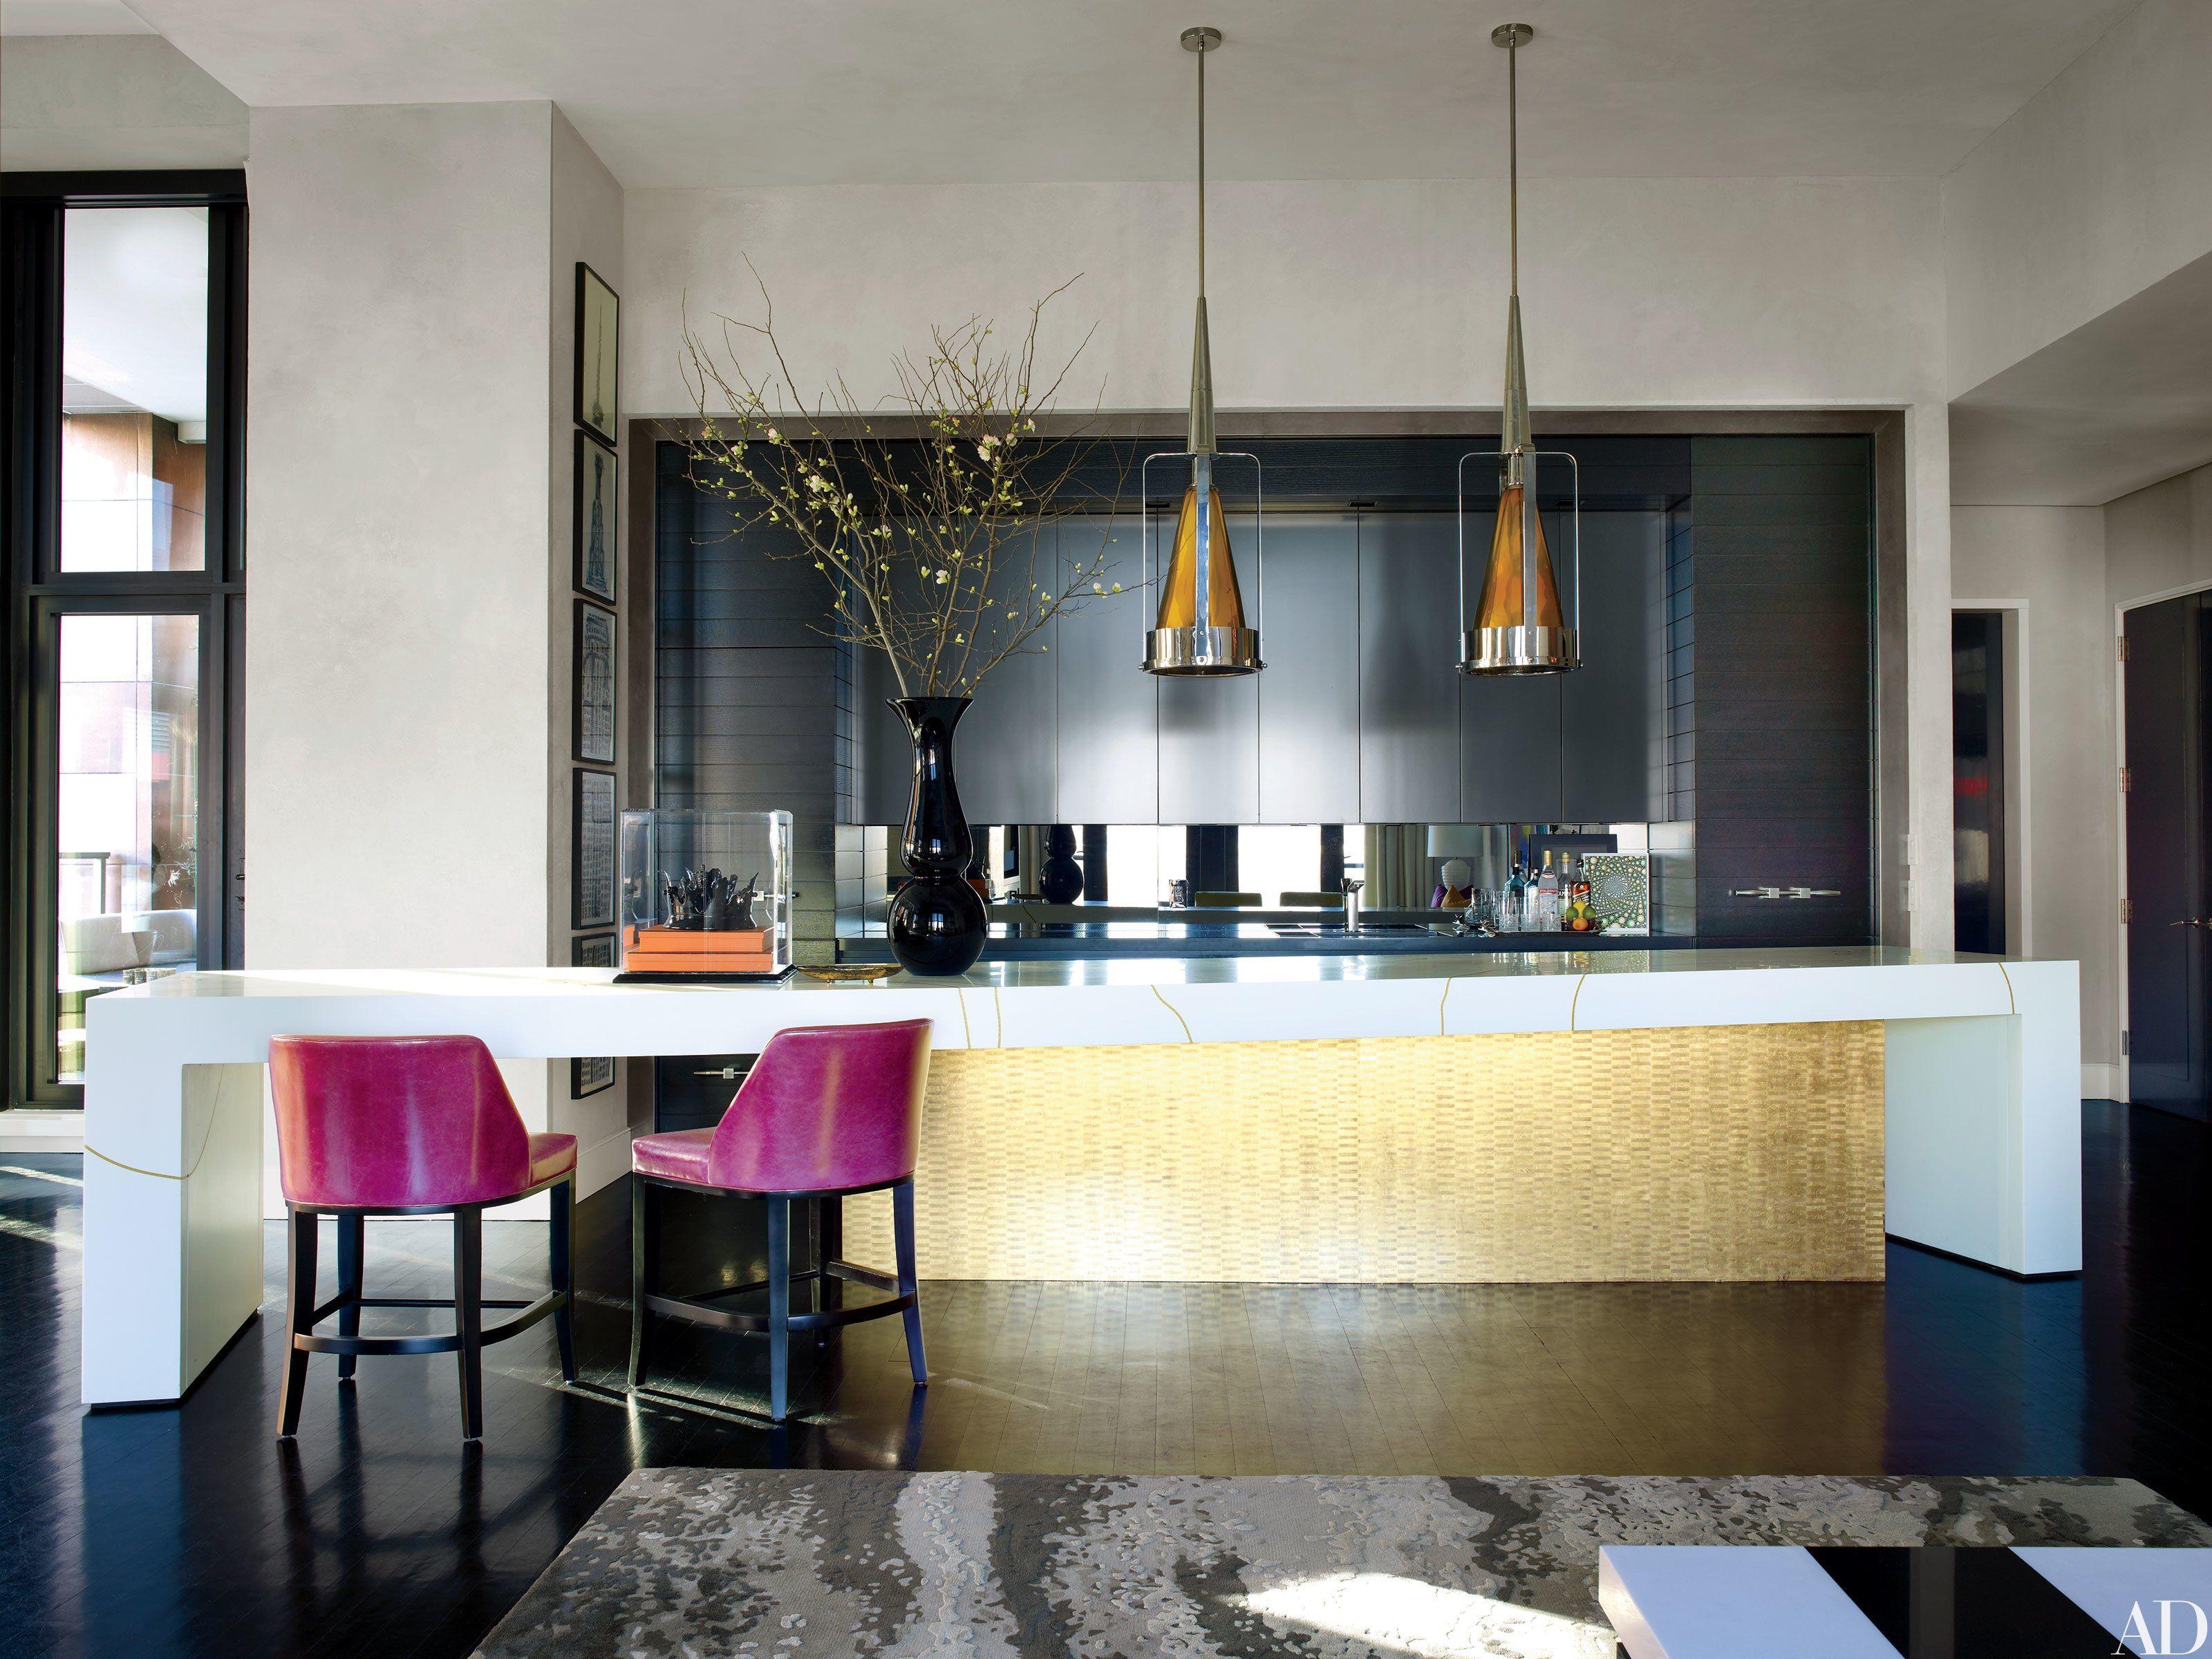 21 Stunning Kitchen Island Ideas  Architectural Digest Kitchens Stunning New York Kitchen Design Style Inspiration Design